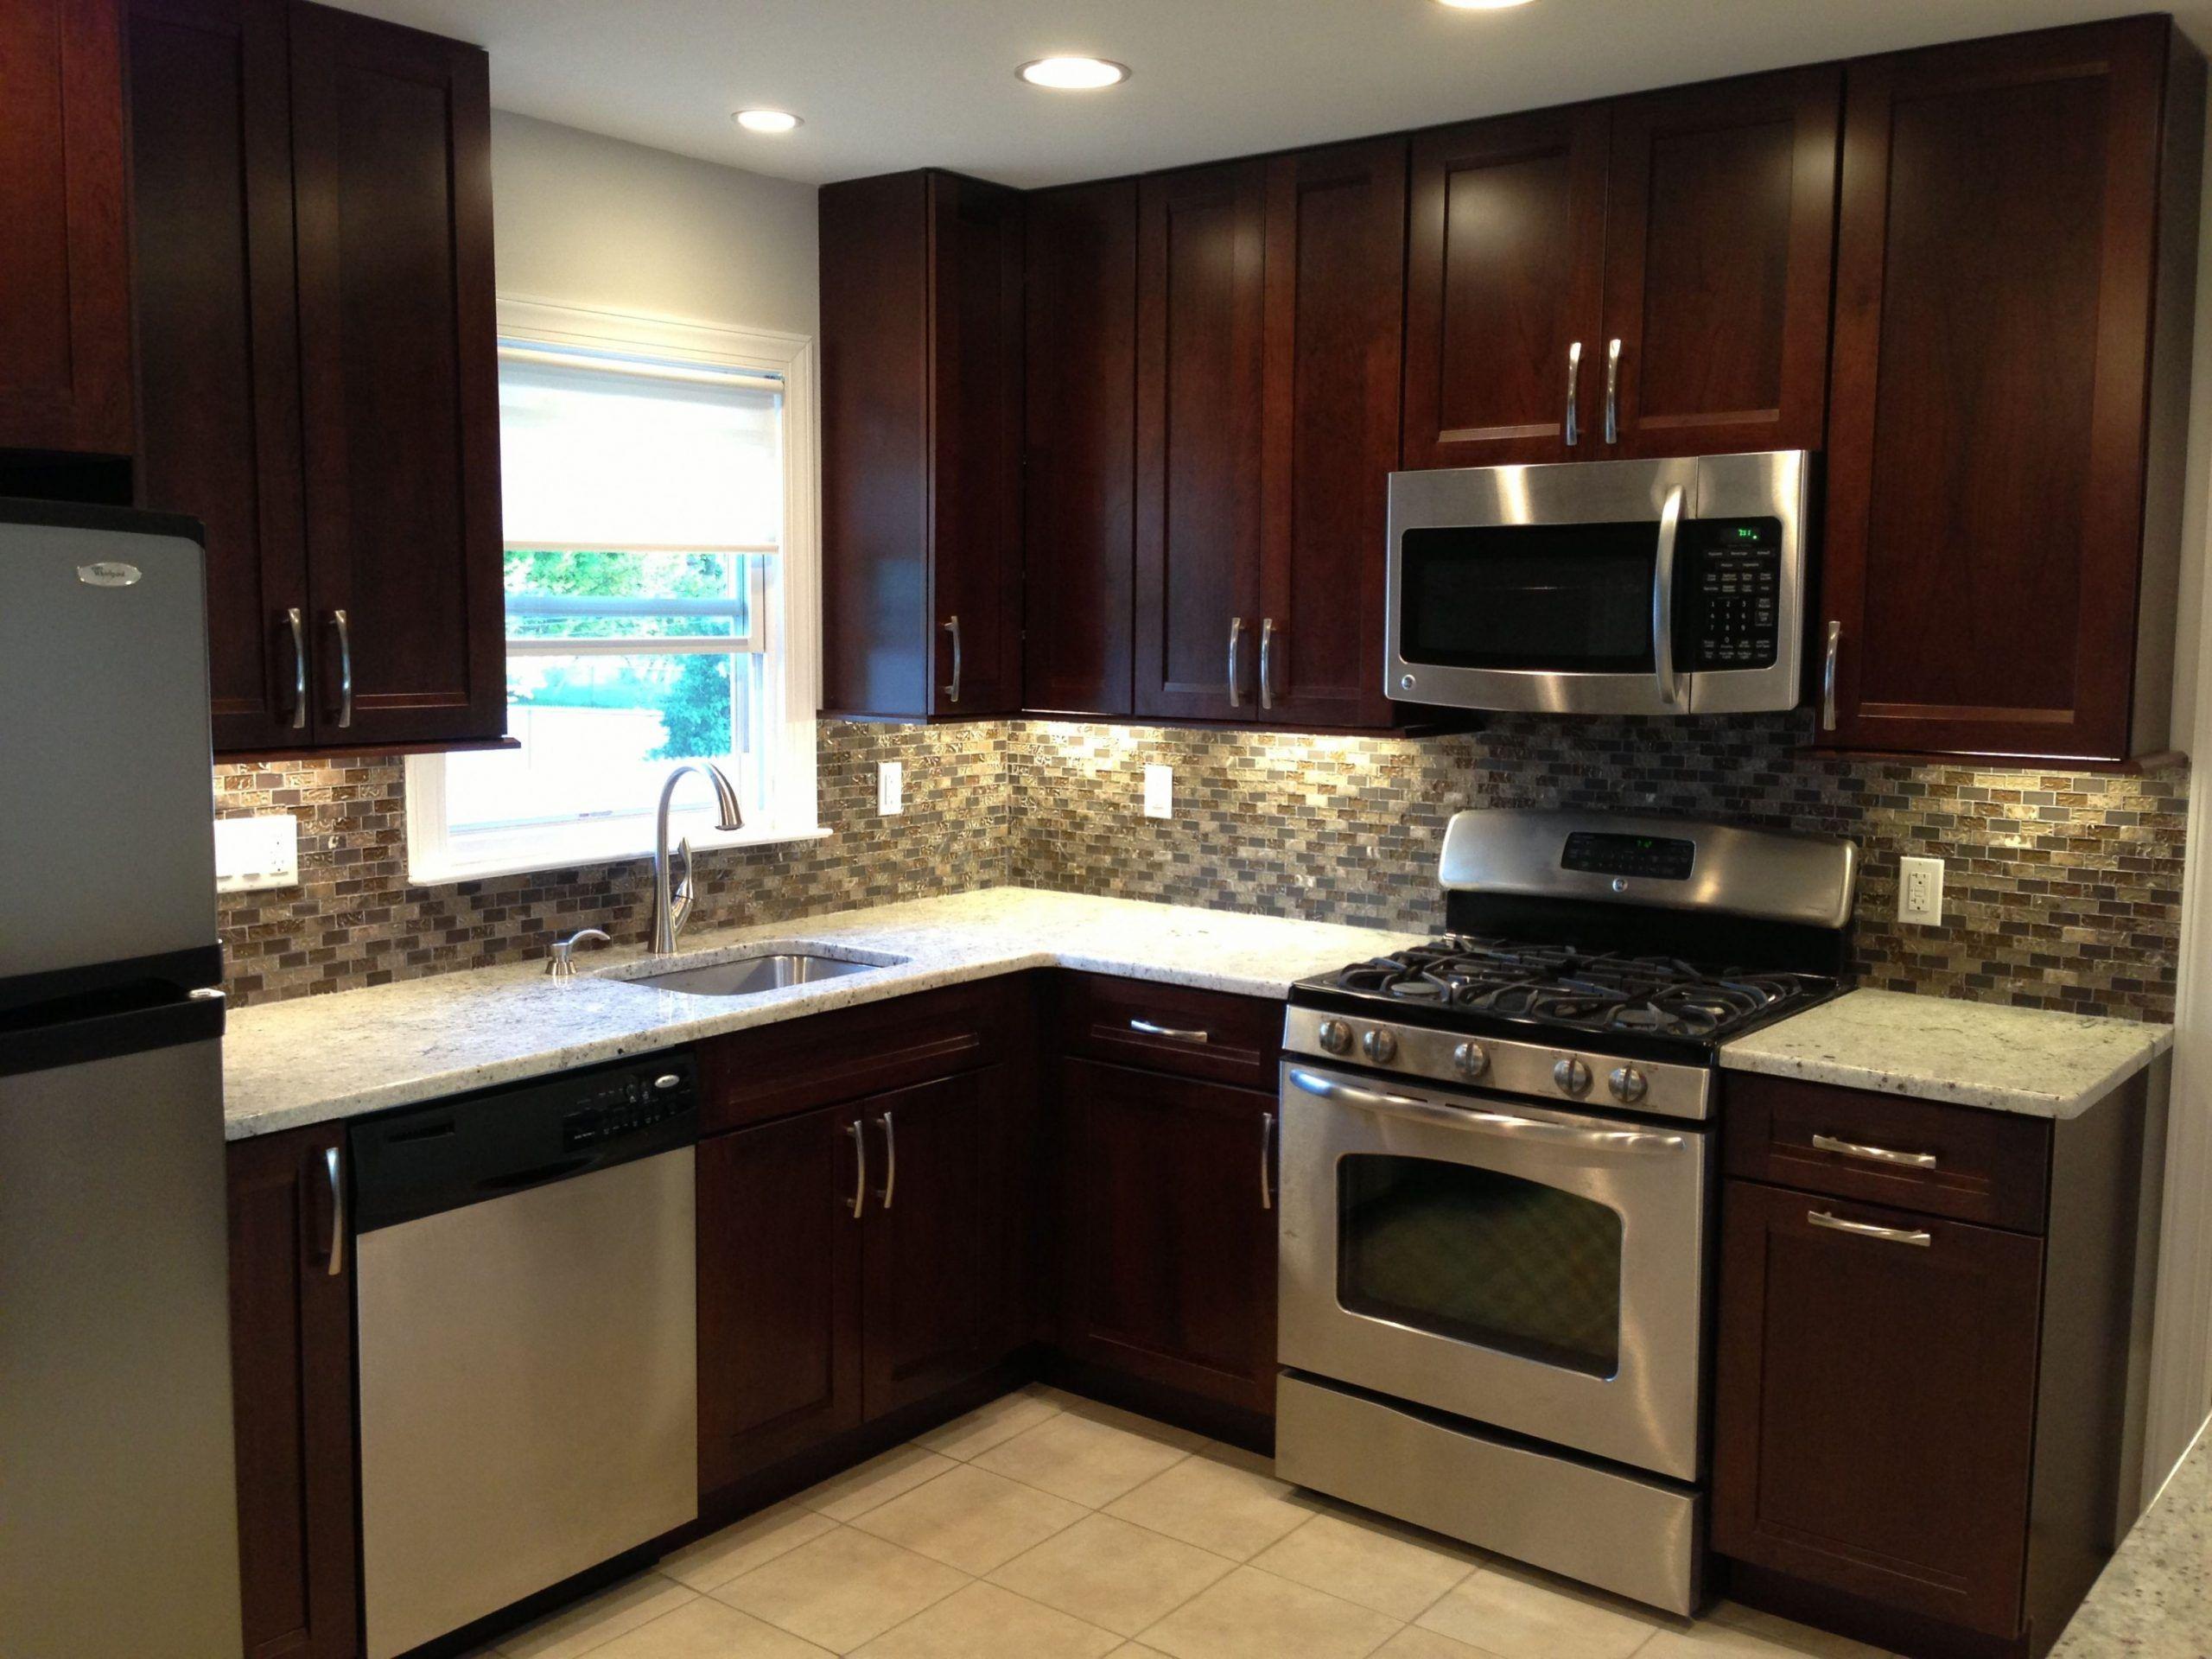 Kitchen Remodel Dark Cabinets Small Kitchen Renovations Simple Kitchen Remodel Kitchen Remodel Cost